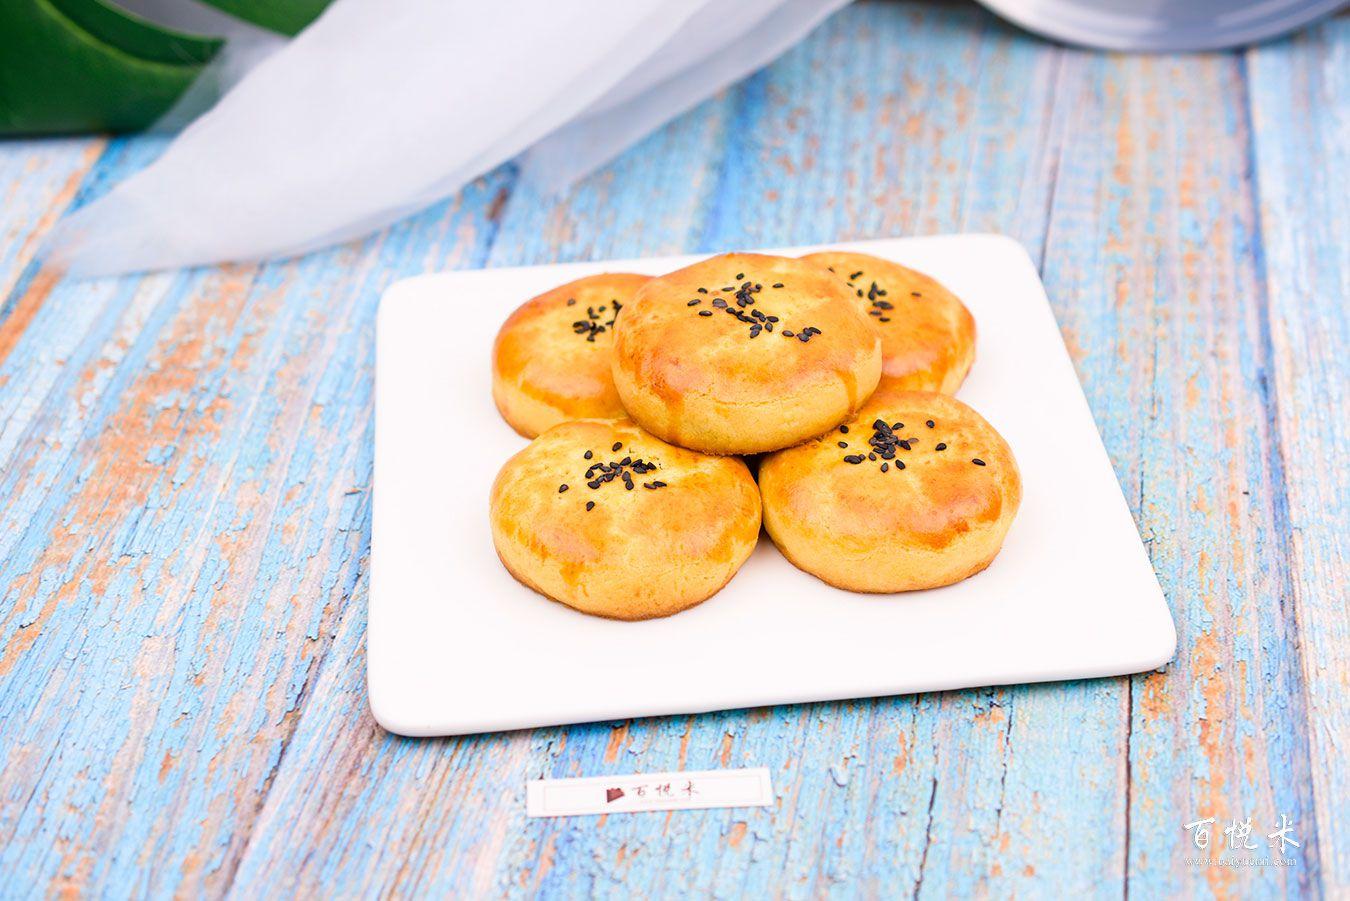 红豆酥高清图片大全【蛋糕图片】_597